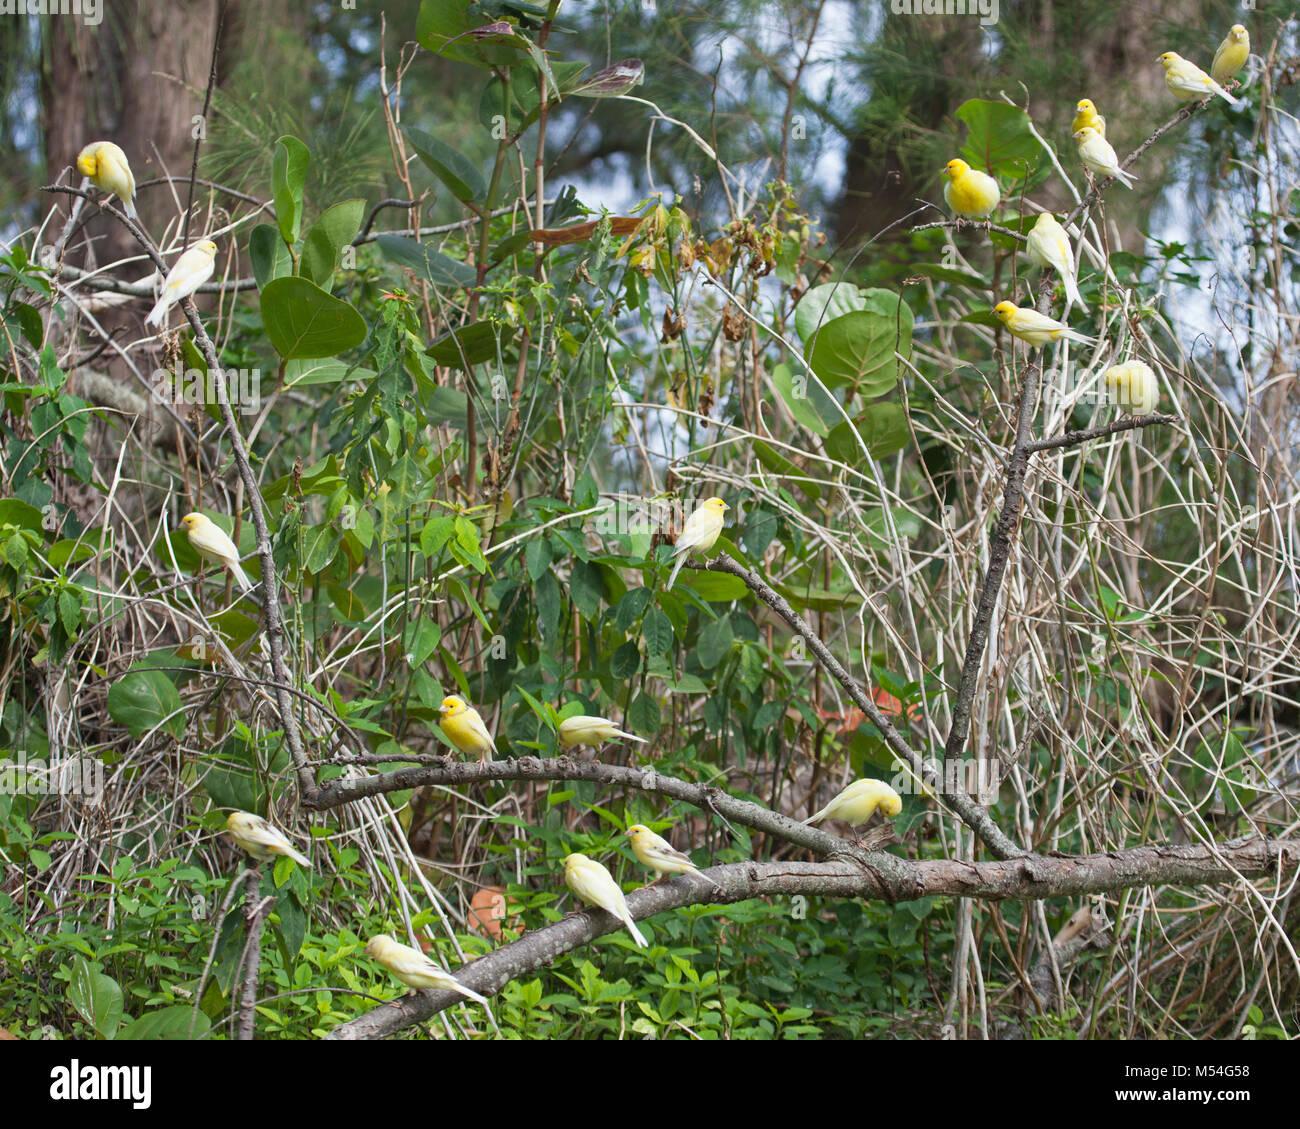 Serin des Canaries (Serinus canaria) troupeau descendant d'oiseaux de compagnie a publié sur l'atoll Photo Stock